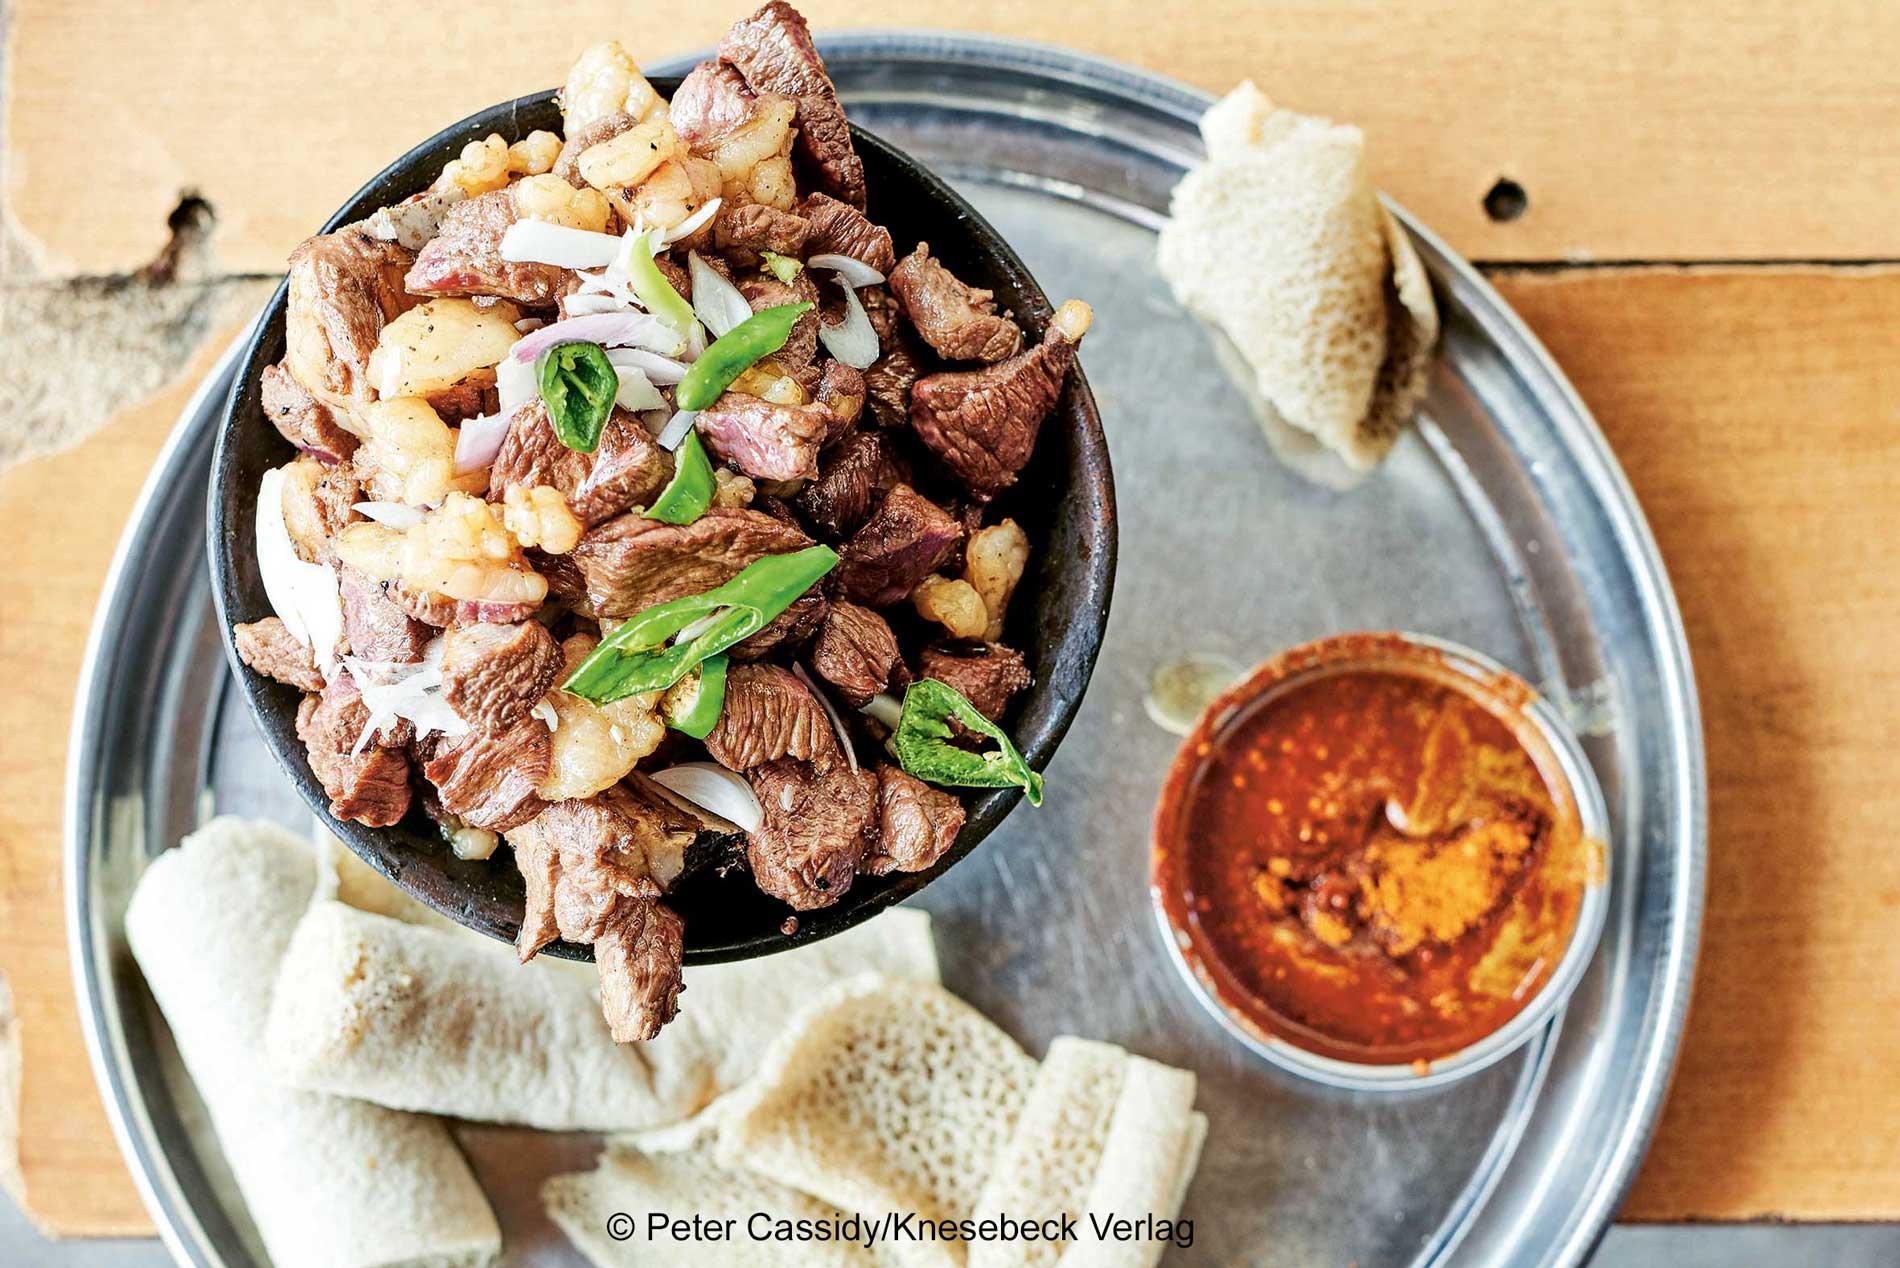 Foto mit einer Schüssel zubereiteten Rindfleischs mit Zwiebeln